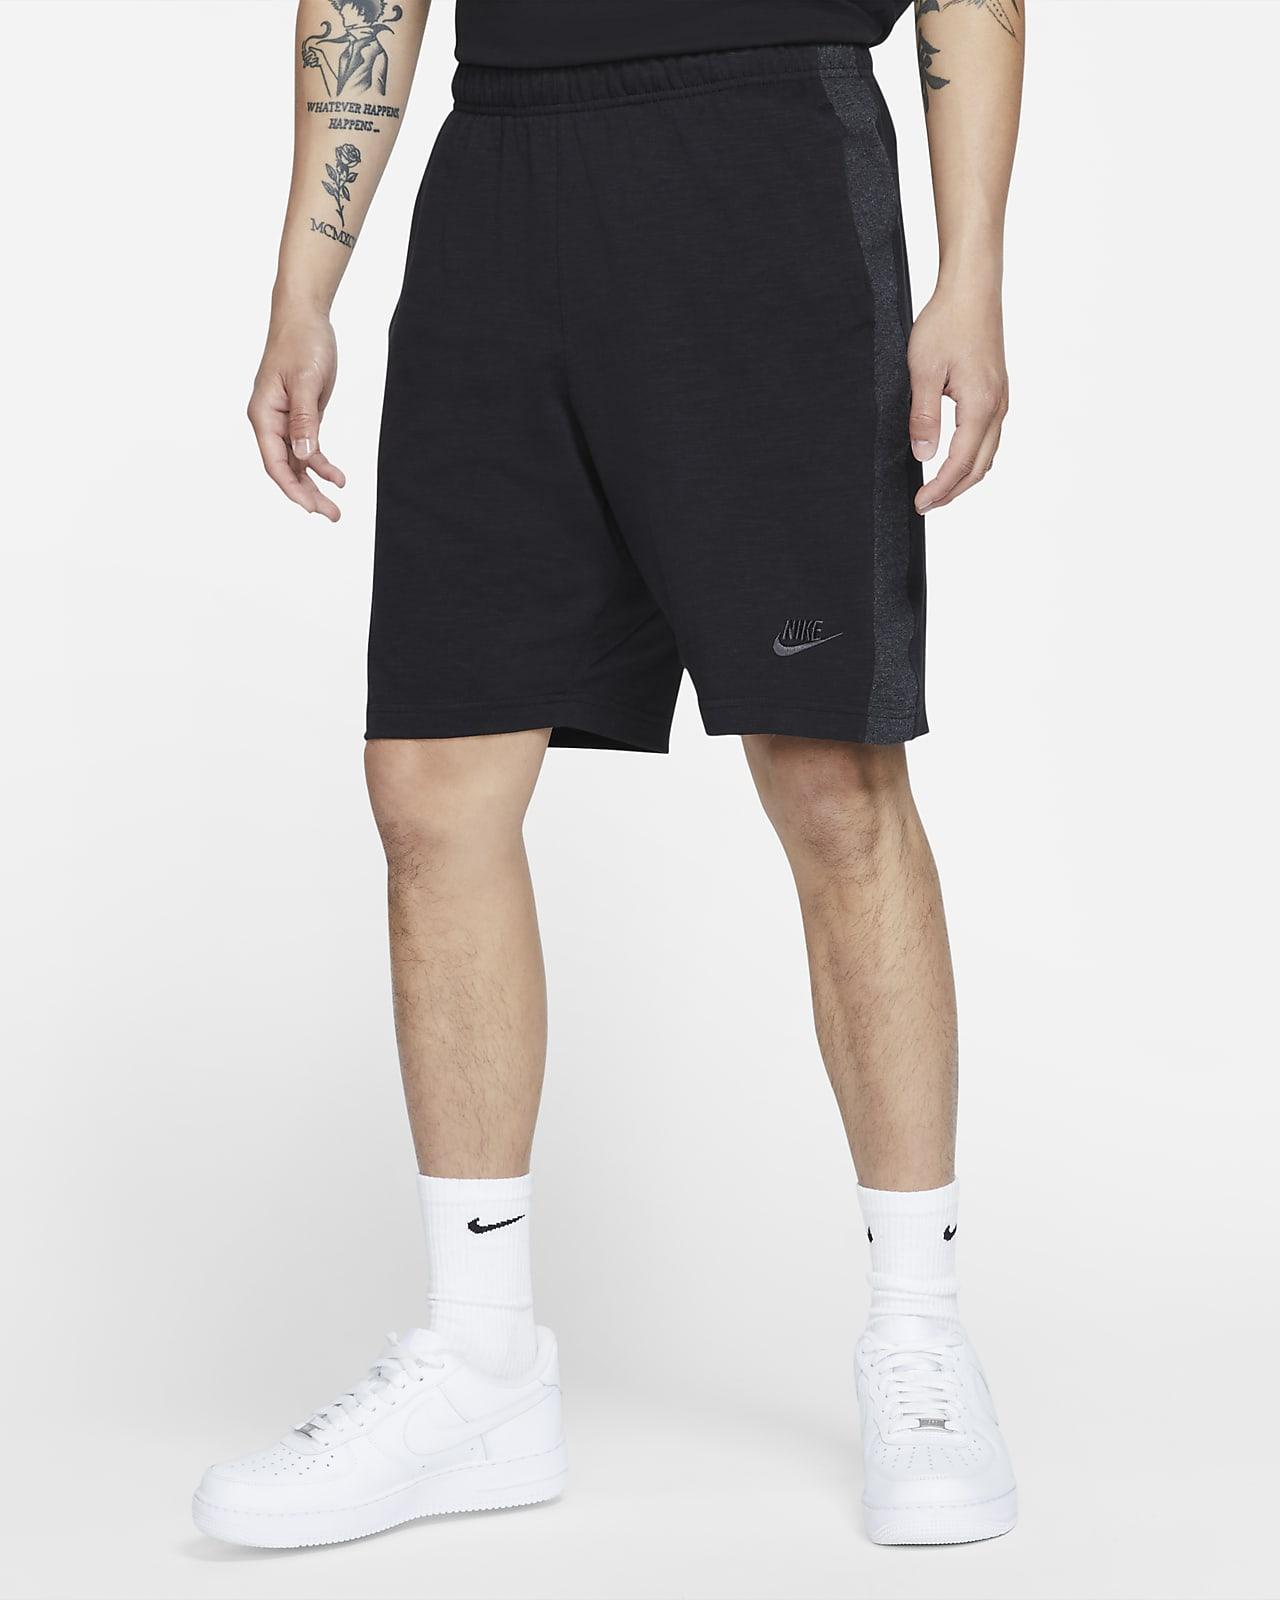 Nike Sportswear Men's Jersey Shorts